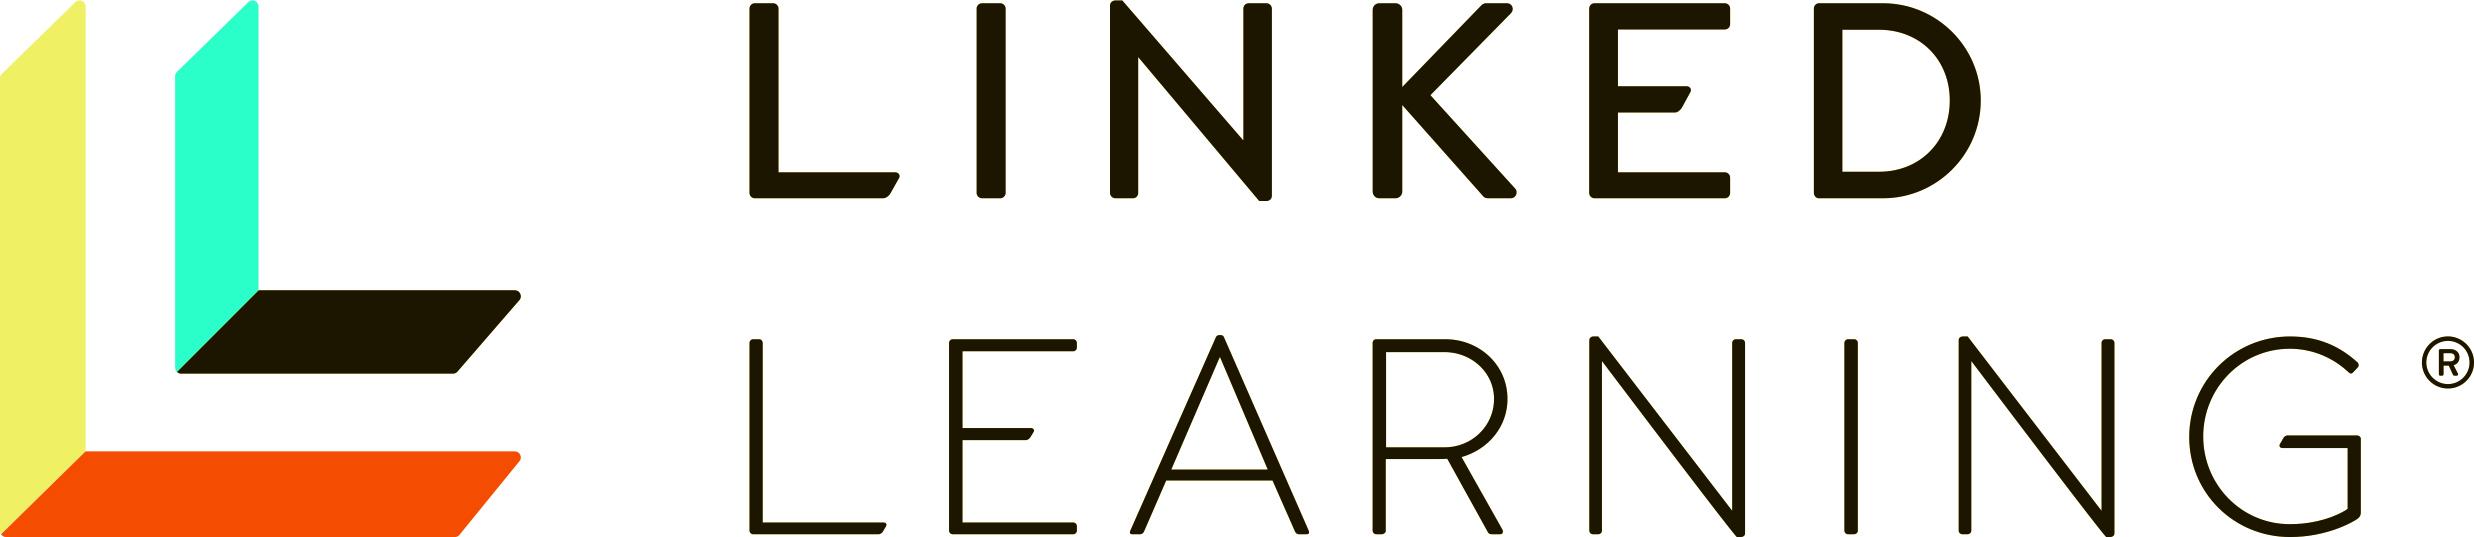 left-aligned-high-res-logo.jpg